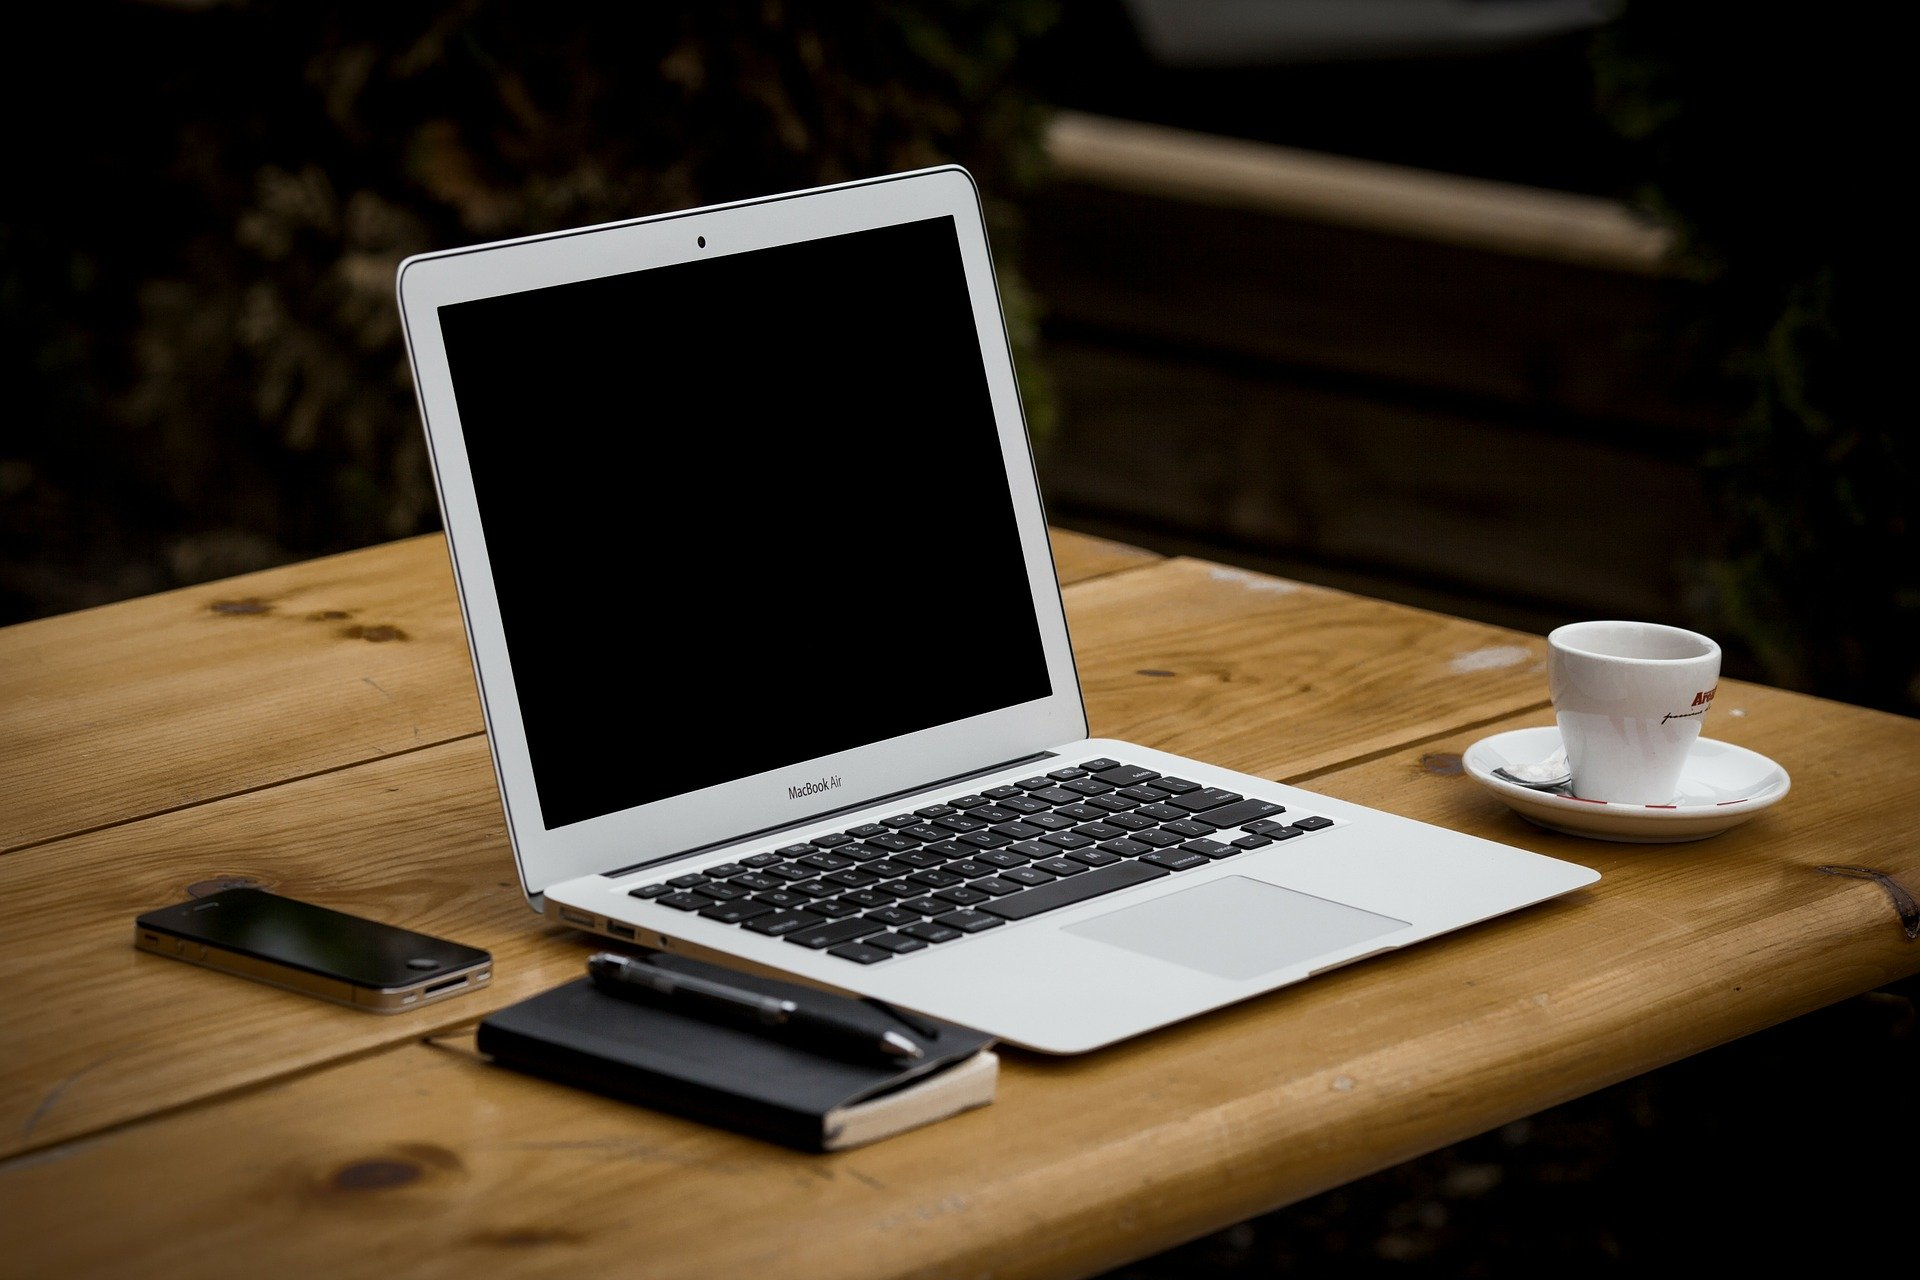 Imagen de un portatil encima de una mesa